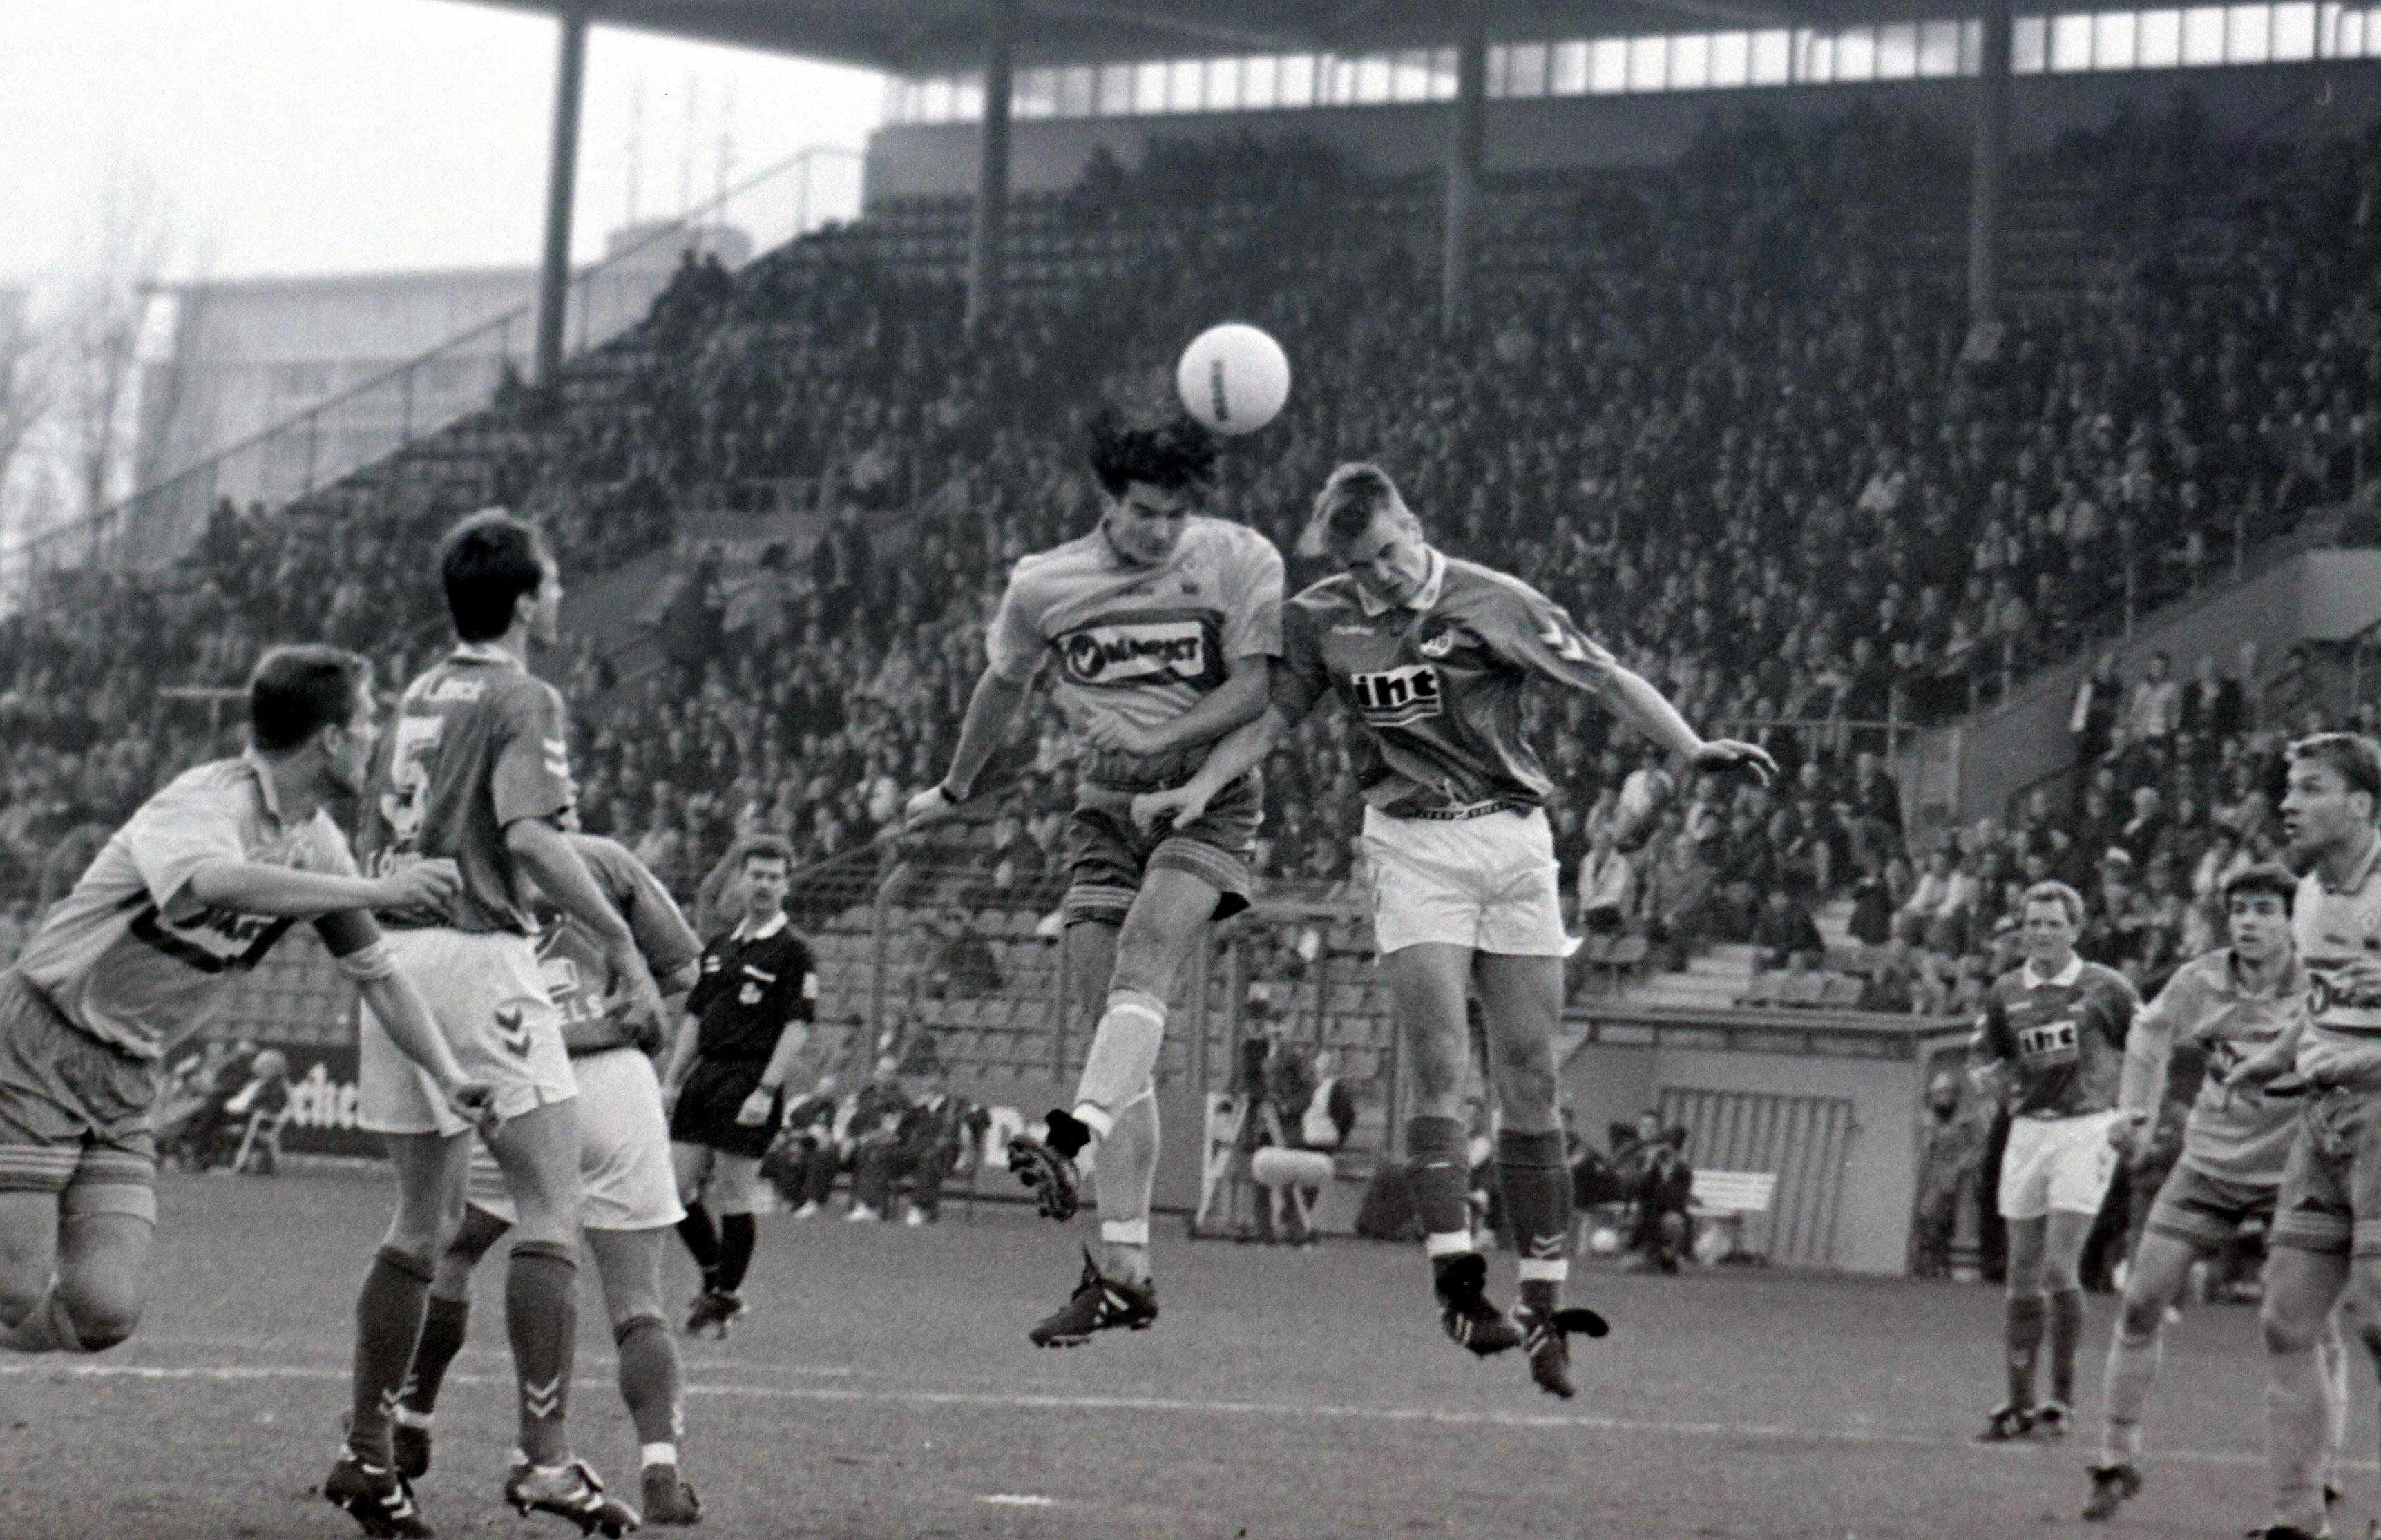 Eintracht braunschweig wiki